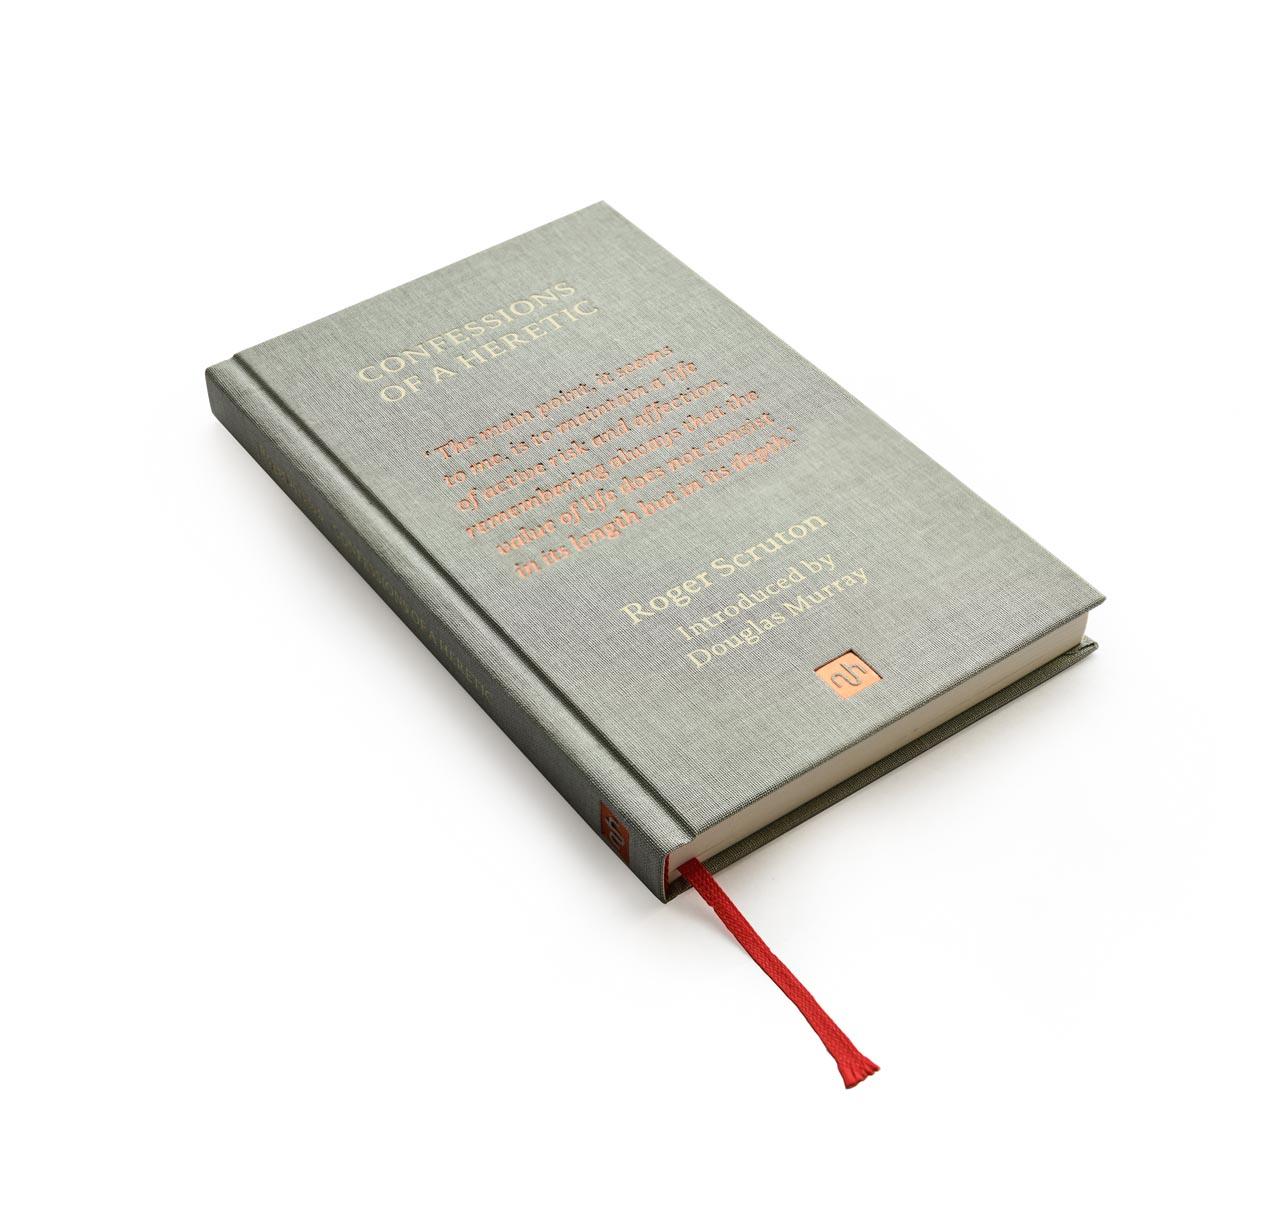 COAH-2-single-book-COVER-threequarters-MR